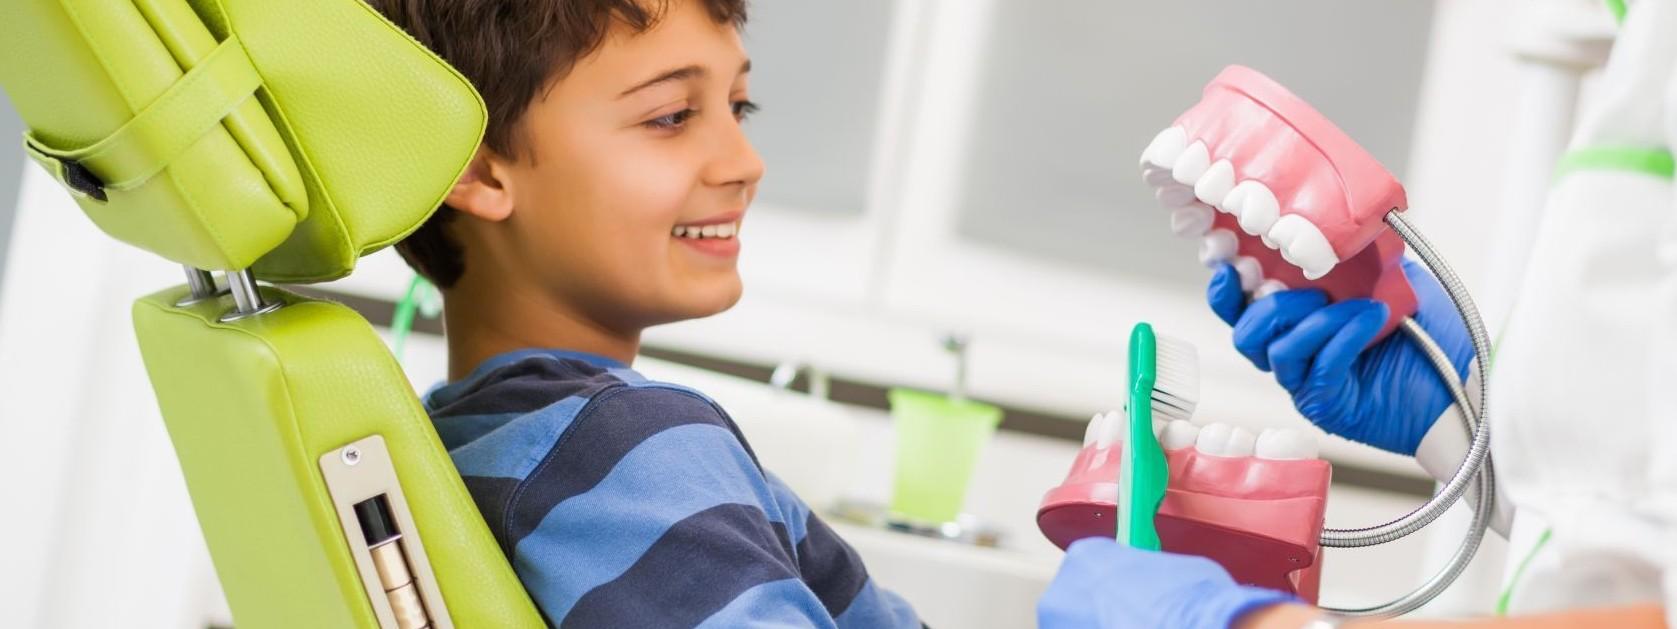 Ein etwa 7 jähriger Junge sitzt auf einem Behandlungsstuhl beim Zahnarzt. Die Zahnärztin zeigt ihm anhand eines Gebiss wie man die Zähne putzt,